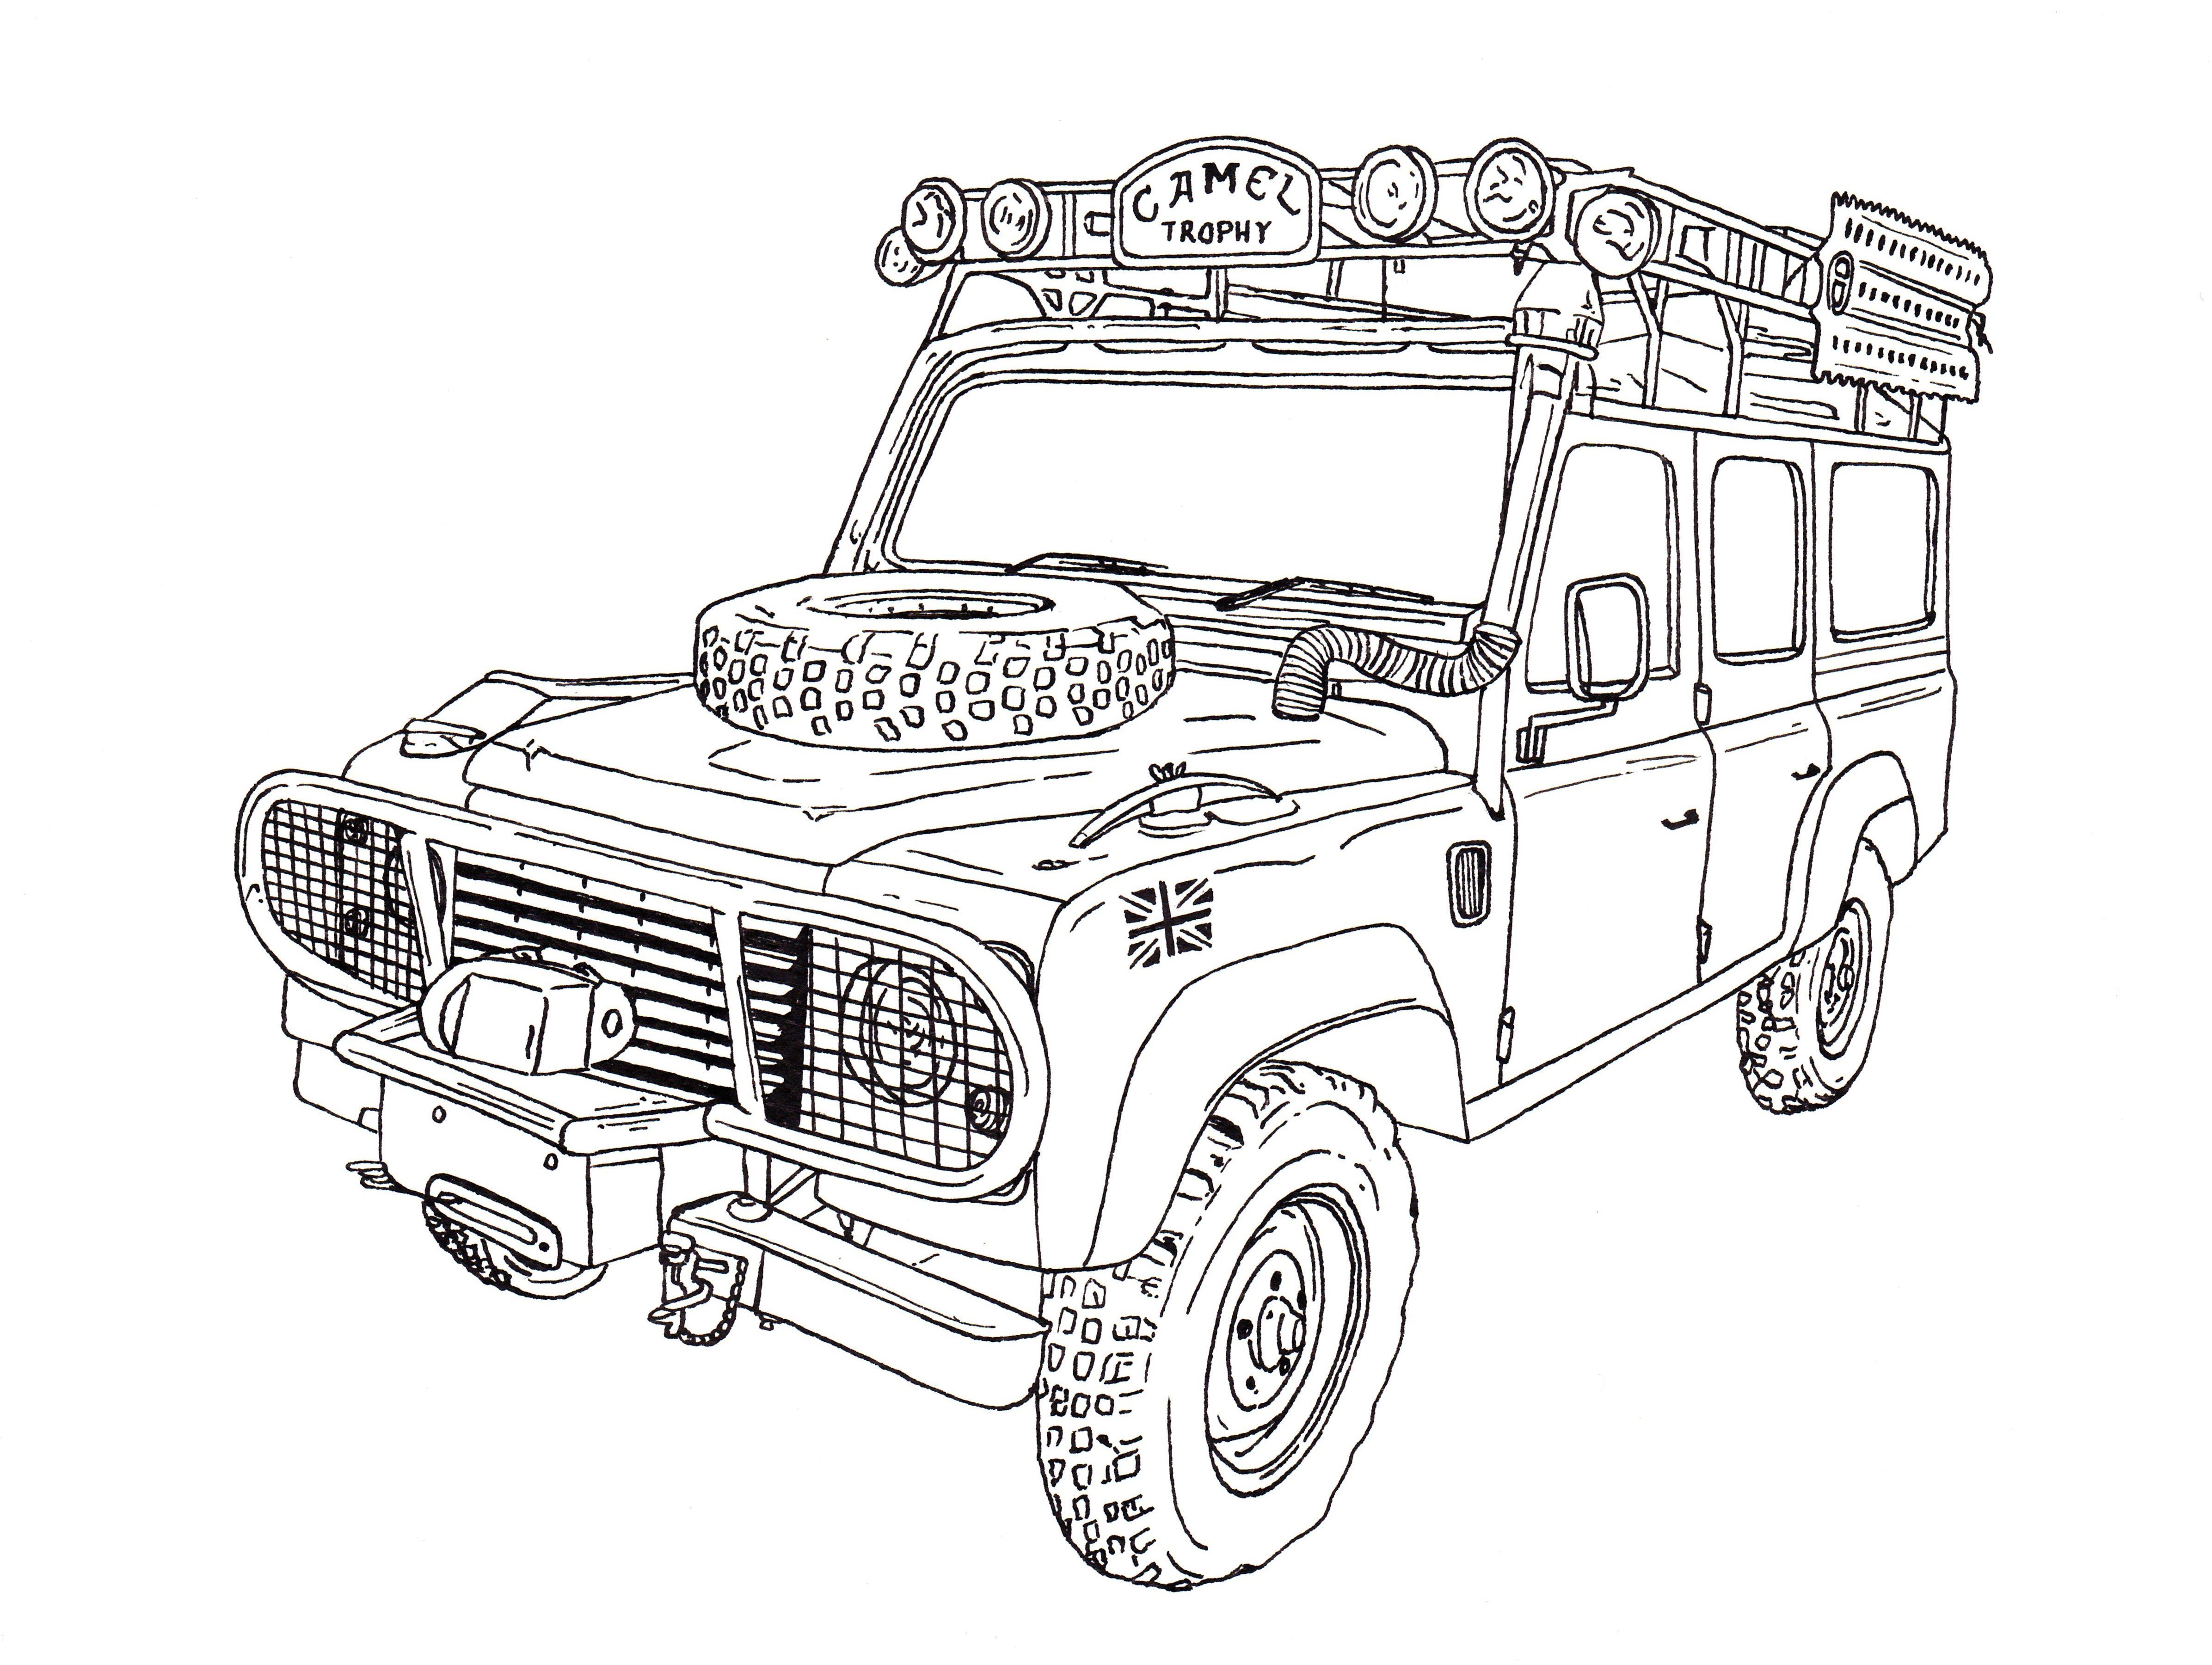 Camel trophy land rover defender 110 ink drawing